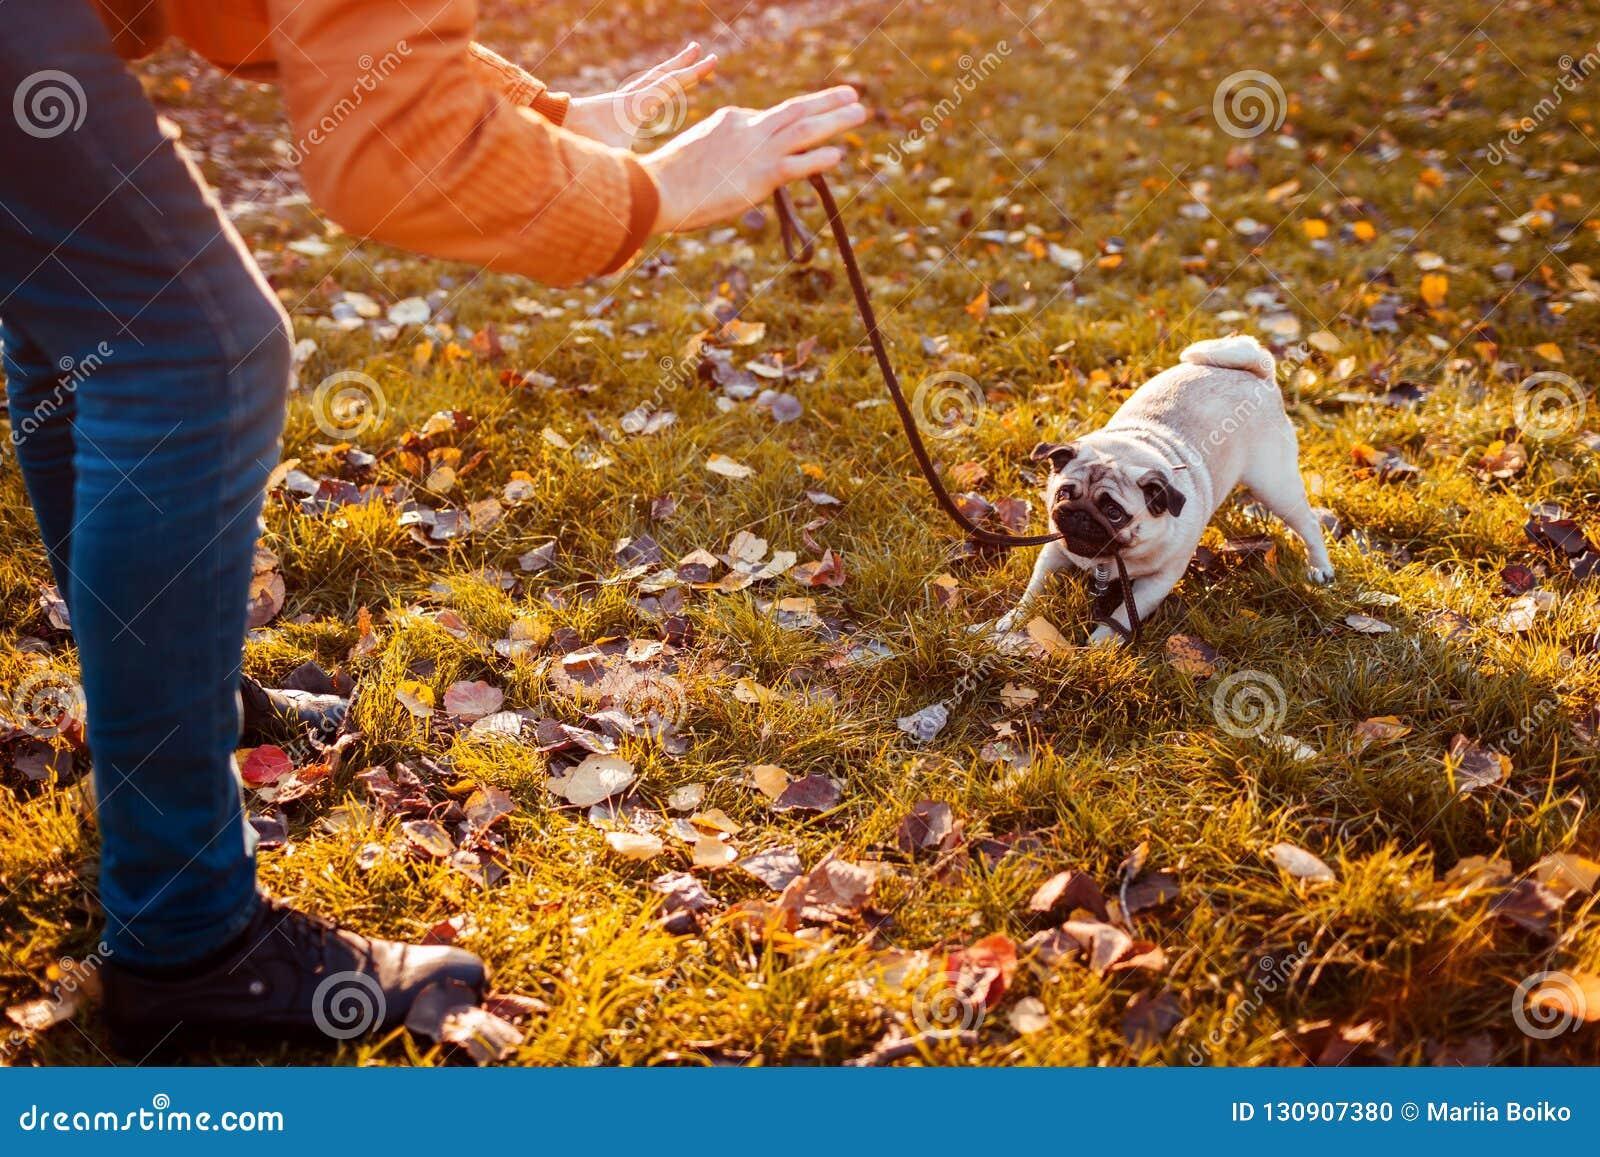 Wreed gedrag met dieren Hoofd het lopen pug hond in de herfstpark Puppy het bijten leiband die weigeren te gaan